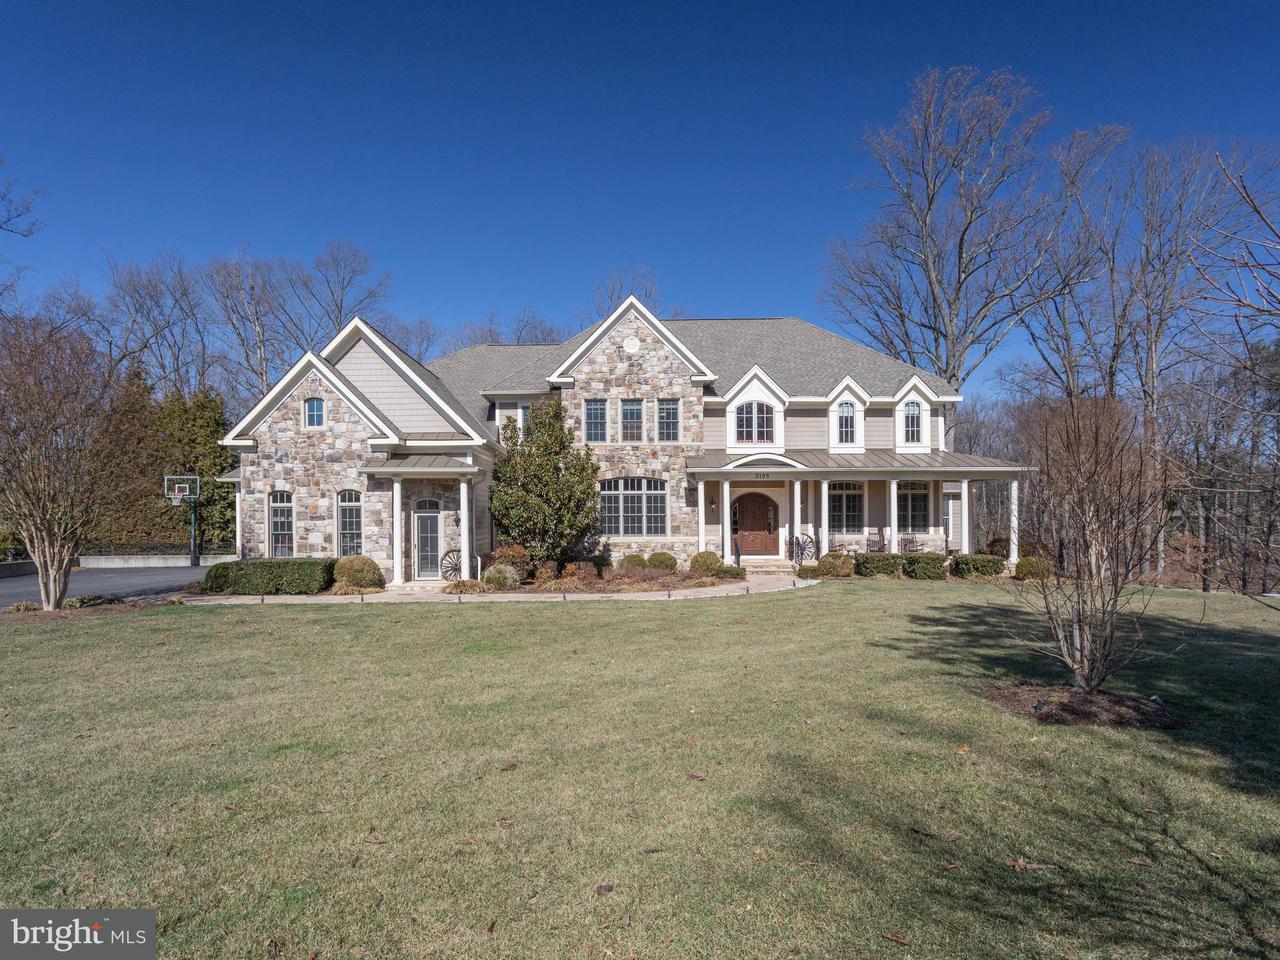 一戸建て のために 売買 アット 3195 Ariana Drive 3195 Ariana Drive Oakton, バージニア 22124 アメリカ合衆国